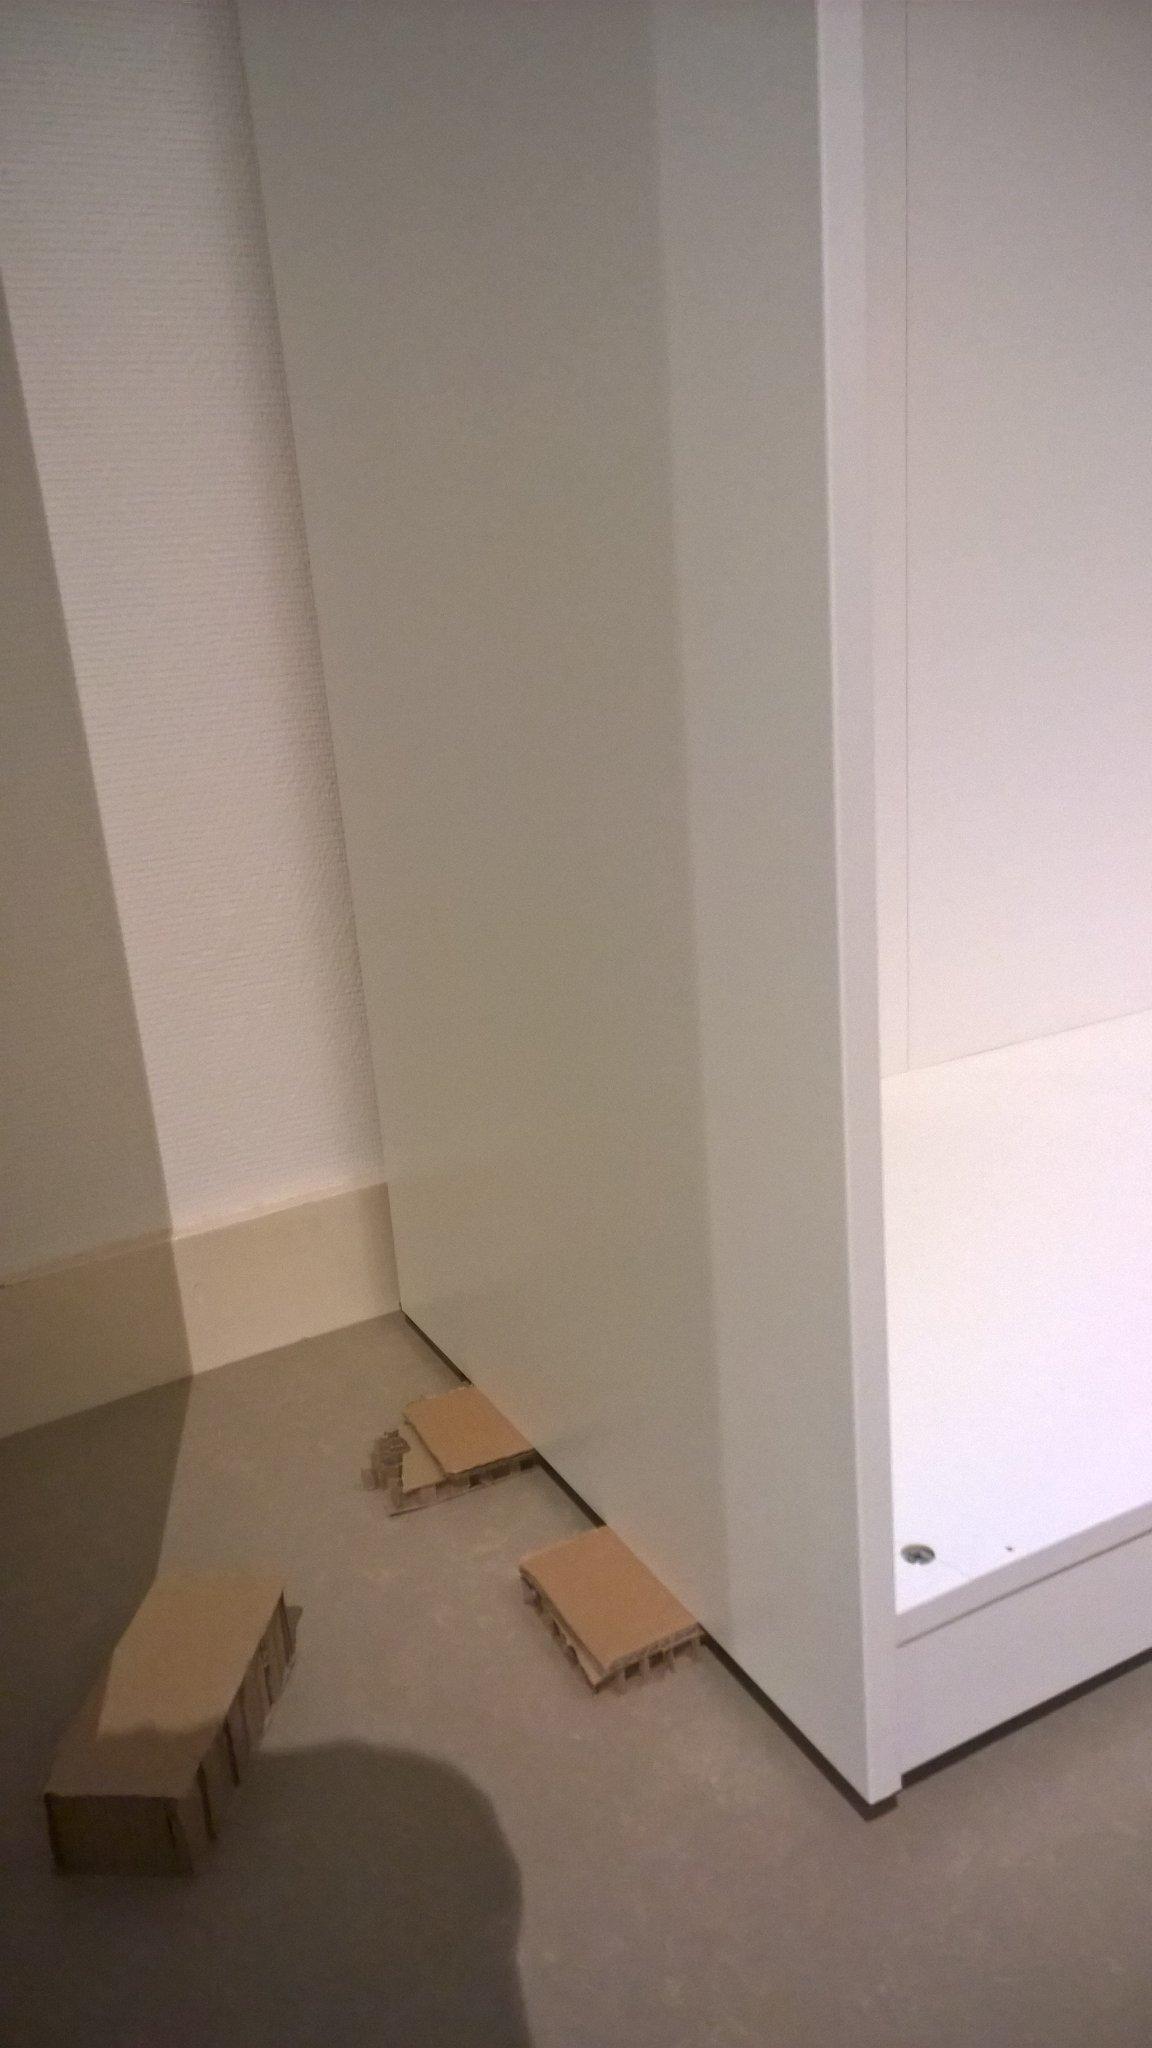 Ikea Pax Kast Afmaken Basis Staat Maar Lastig Waterpas Te